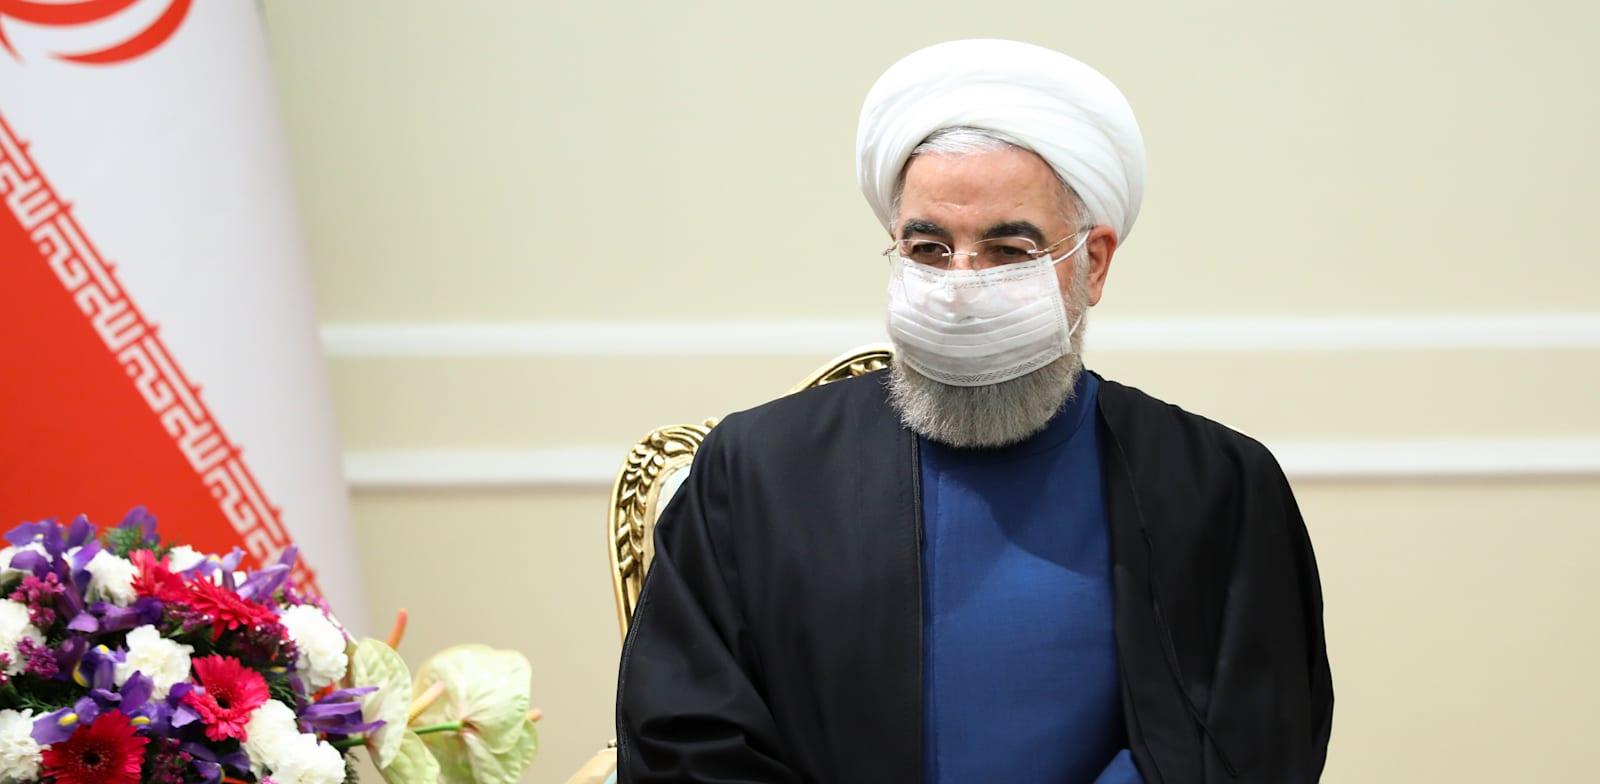 נשיא איראן חסן רוחאני / צילום: Associated Press, Russian Foreign Ministry Press Service